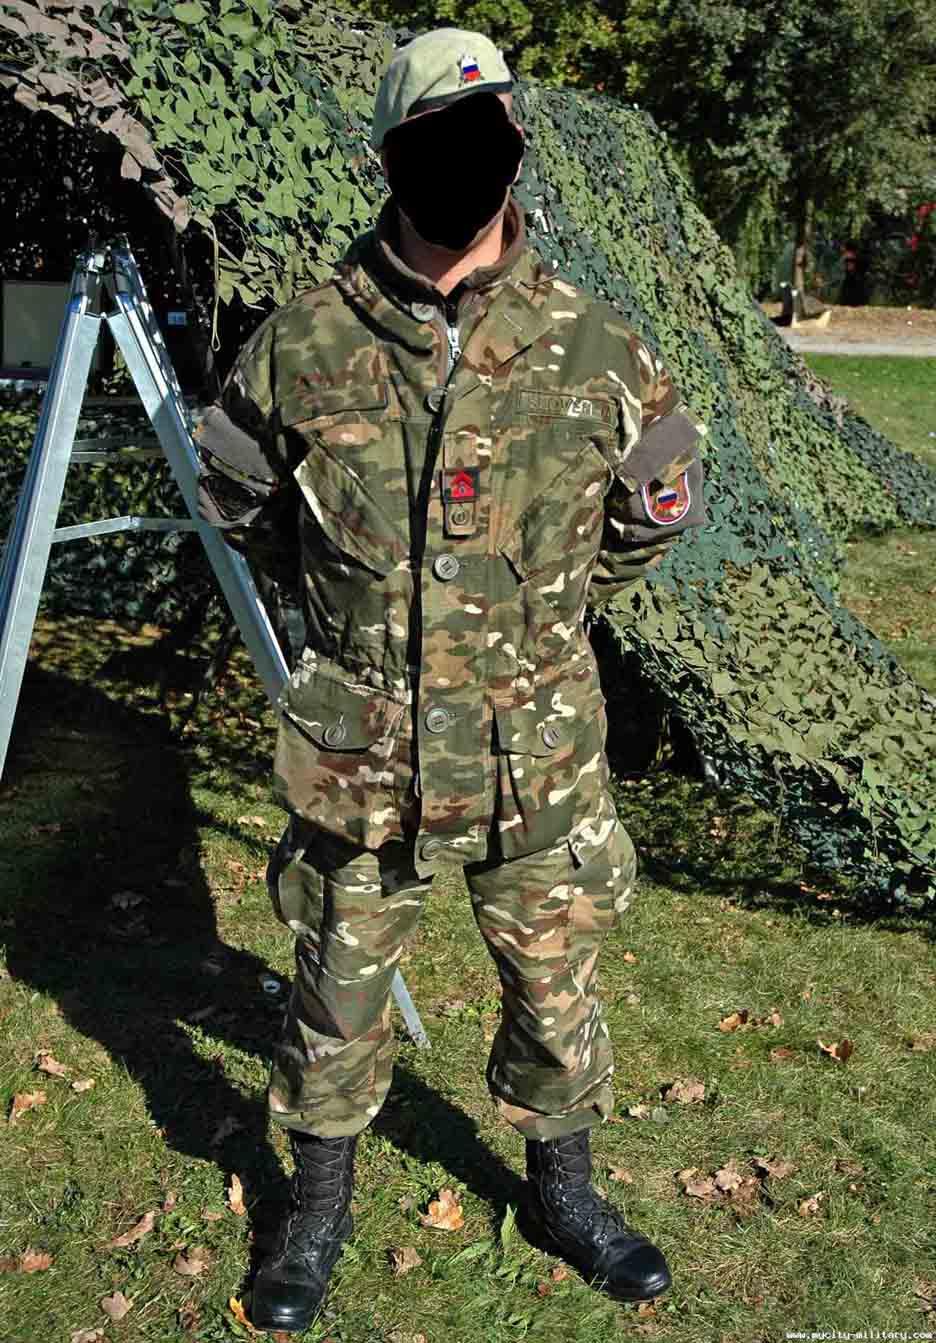 Camos norteamericanos: actuales y los próximos - Página 2 20106106817_slovenia_uniformasm